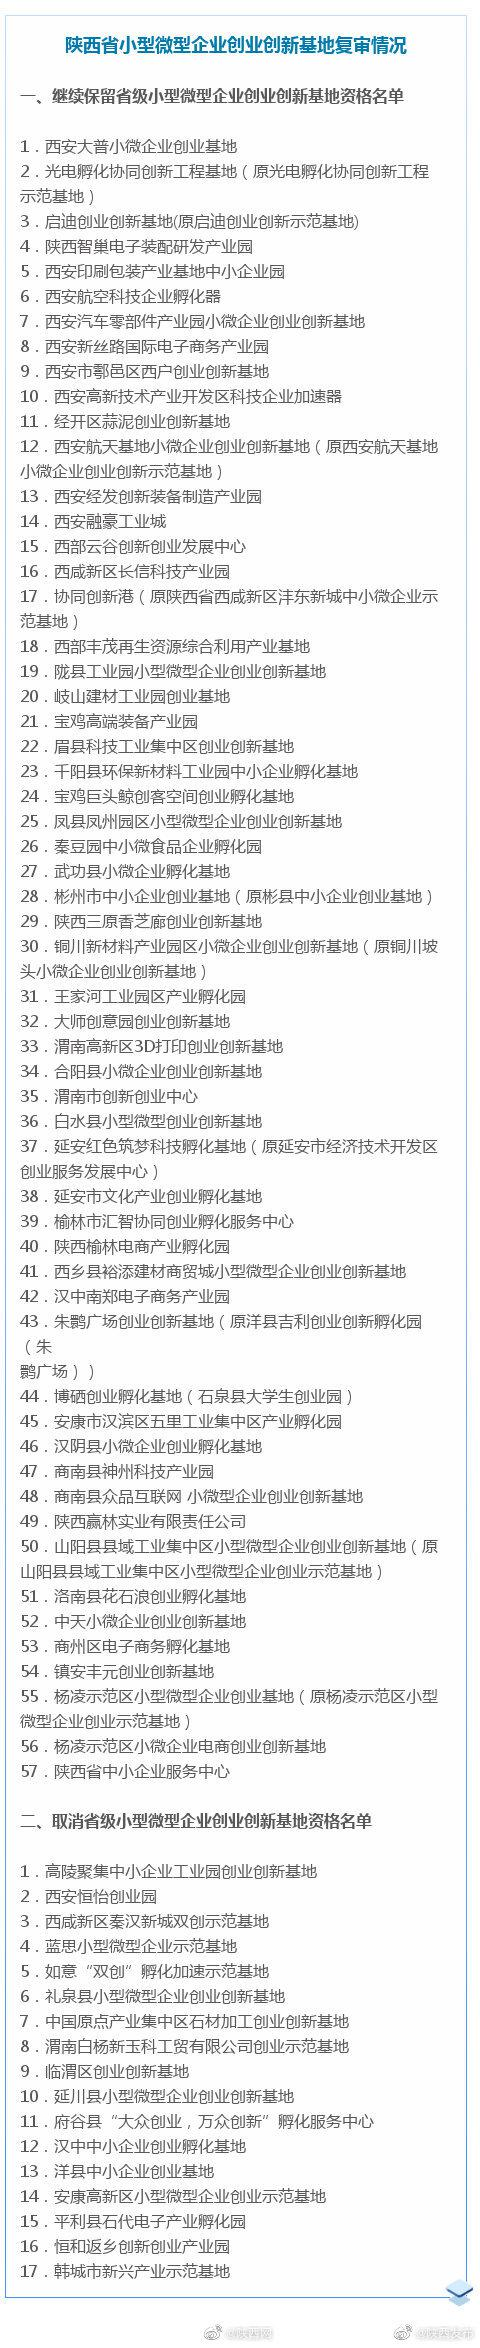 关于公布2020年陕西省小型微型企业创业创新基地复审情况的通知